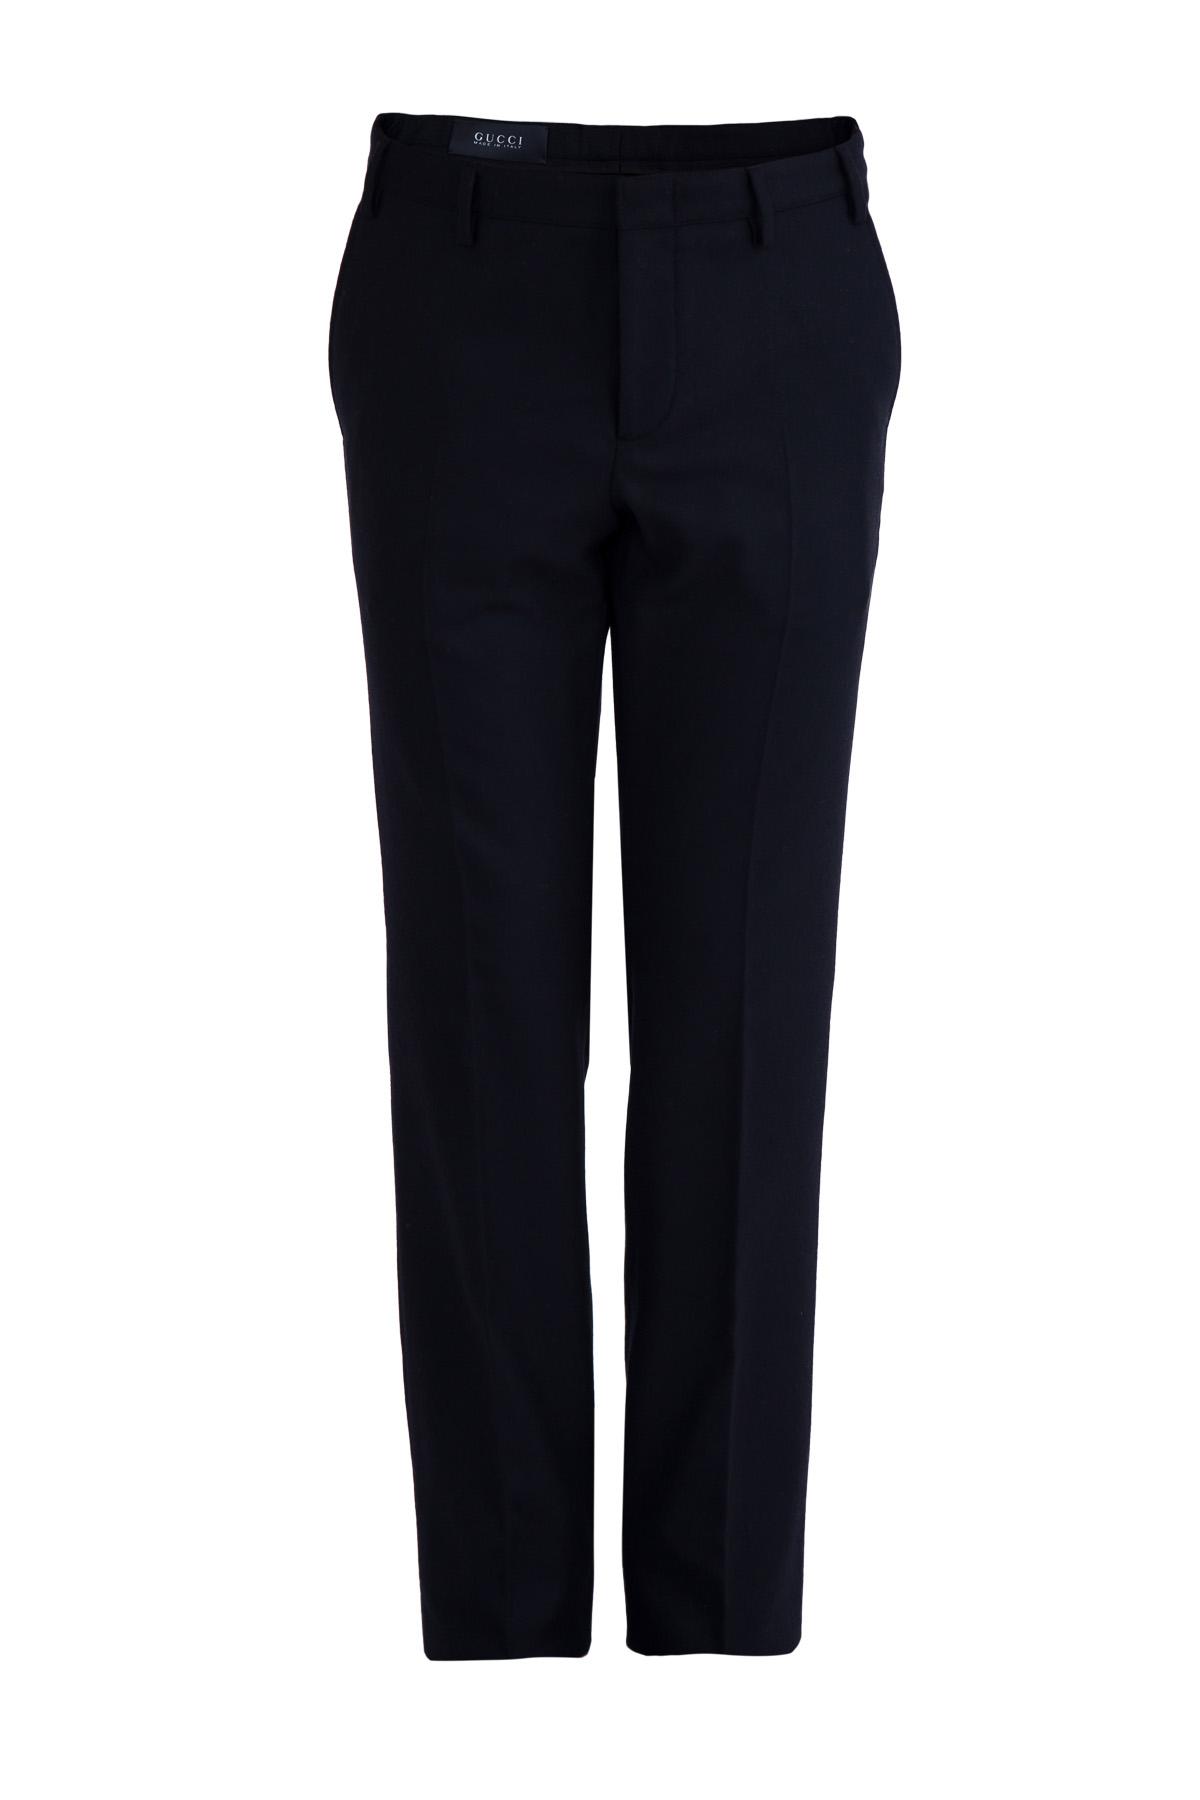 Черные брюки из костюмной шерстяной ткани фото